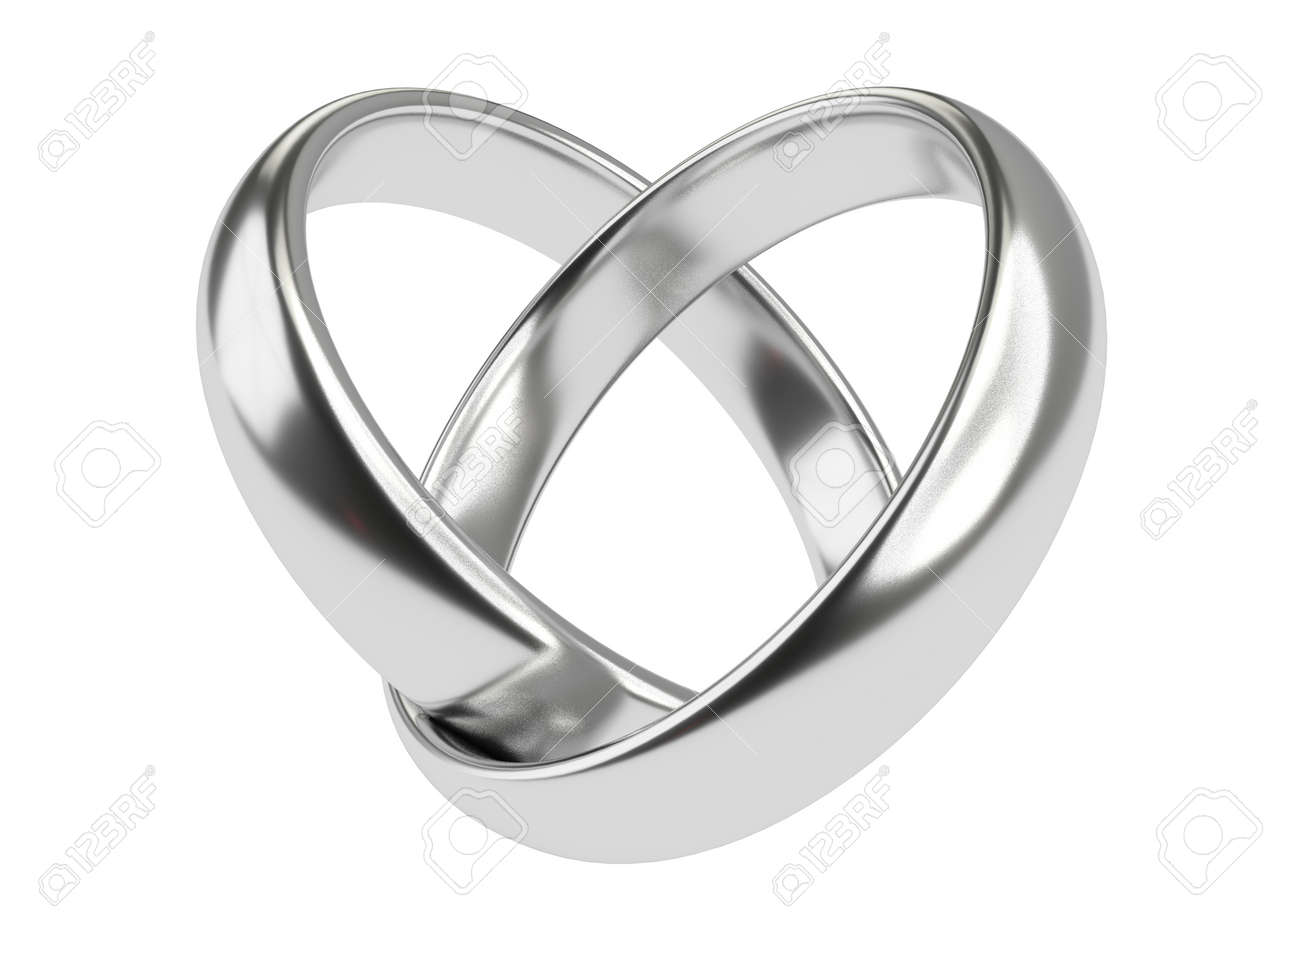 Herz Mit Zwei Miteinander Verbundene Ringe Der Silbernen Hochzeit